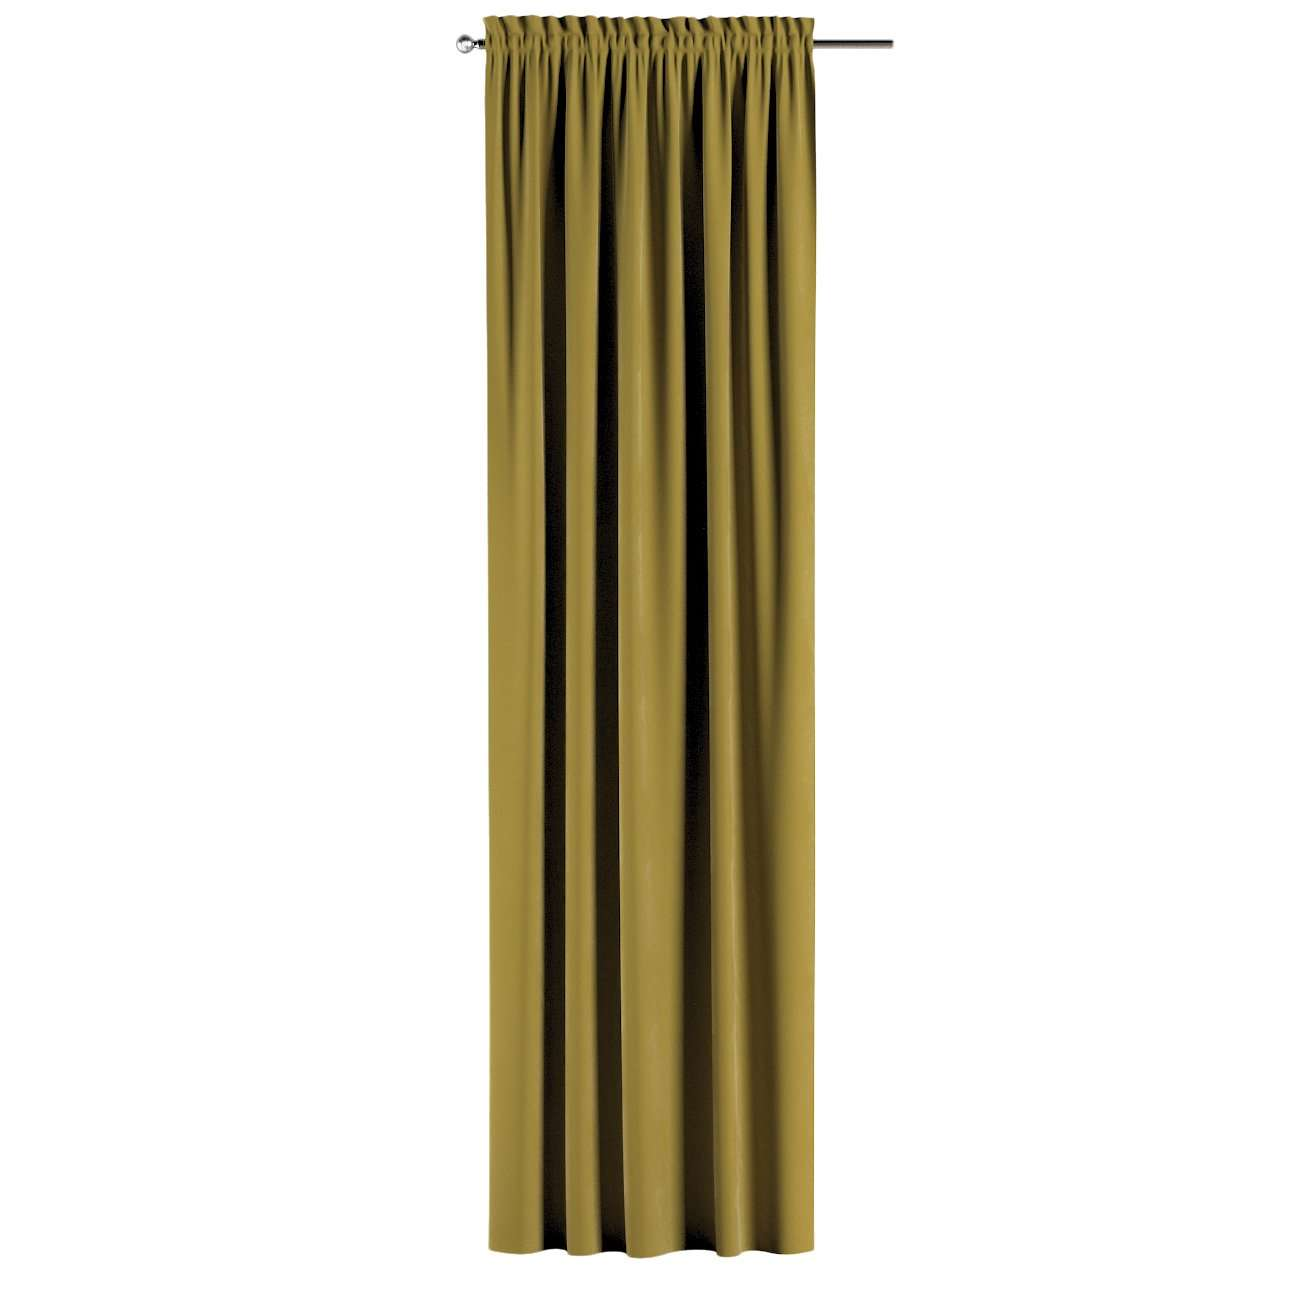 Zasłona na kanale z grzywką 1 szt. w kolekcji Velvet, tkanina: 704-27